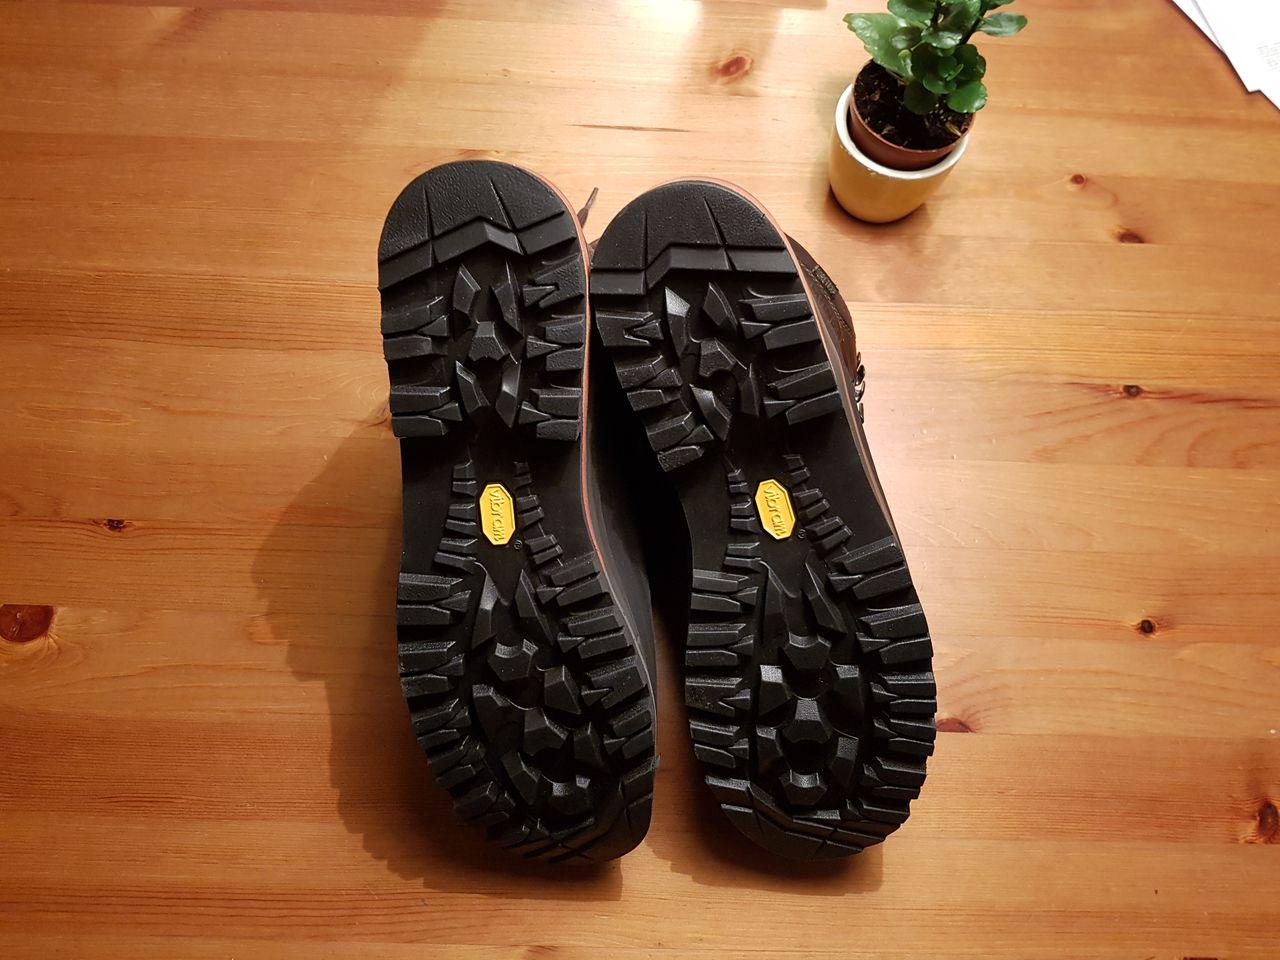 26f33d604a541b Und so sahen die Schuhe dann aus als sie zurück gekommen sind. Wanderschue  nach Reparatur · Schuhsohle nach Reparatur